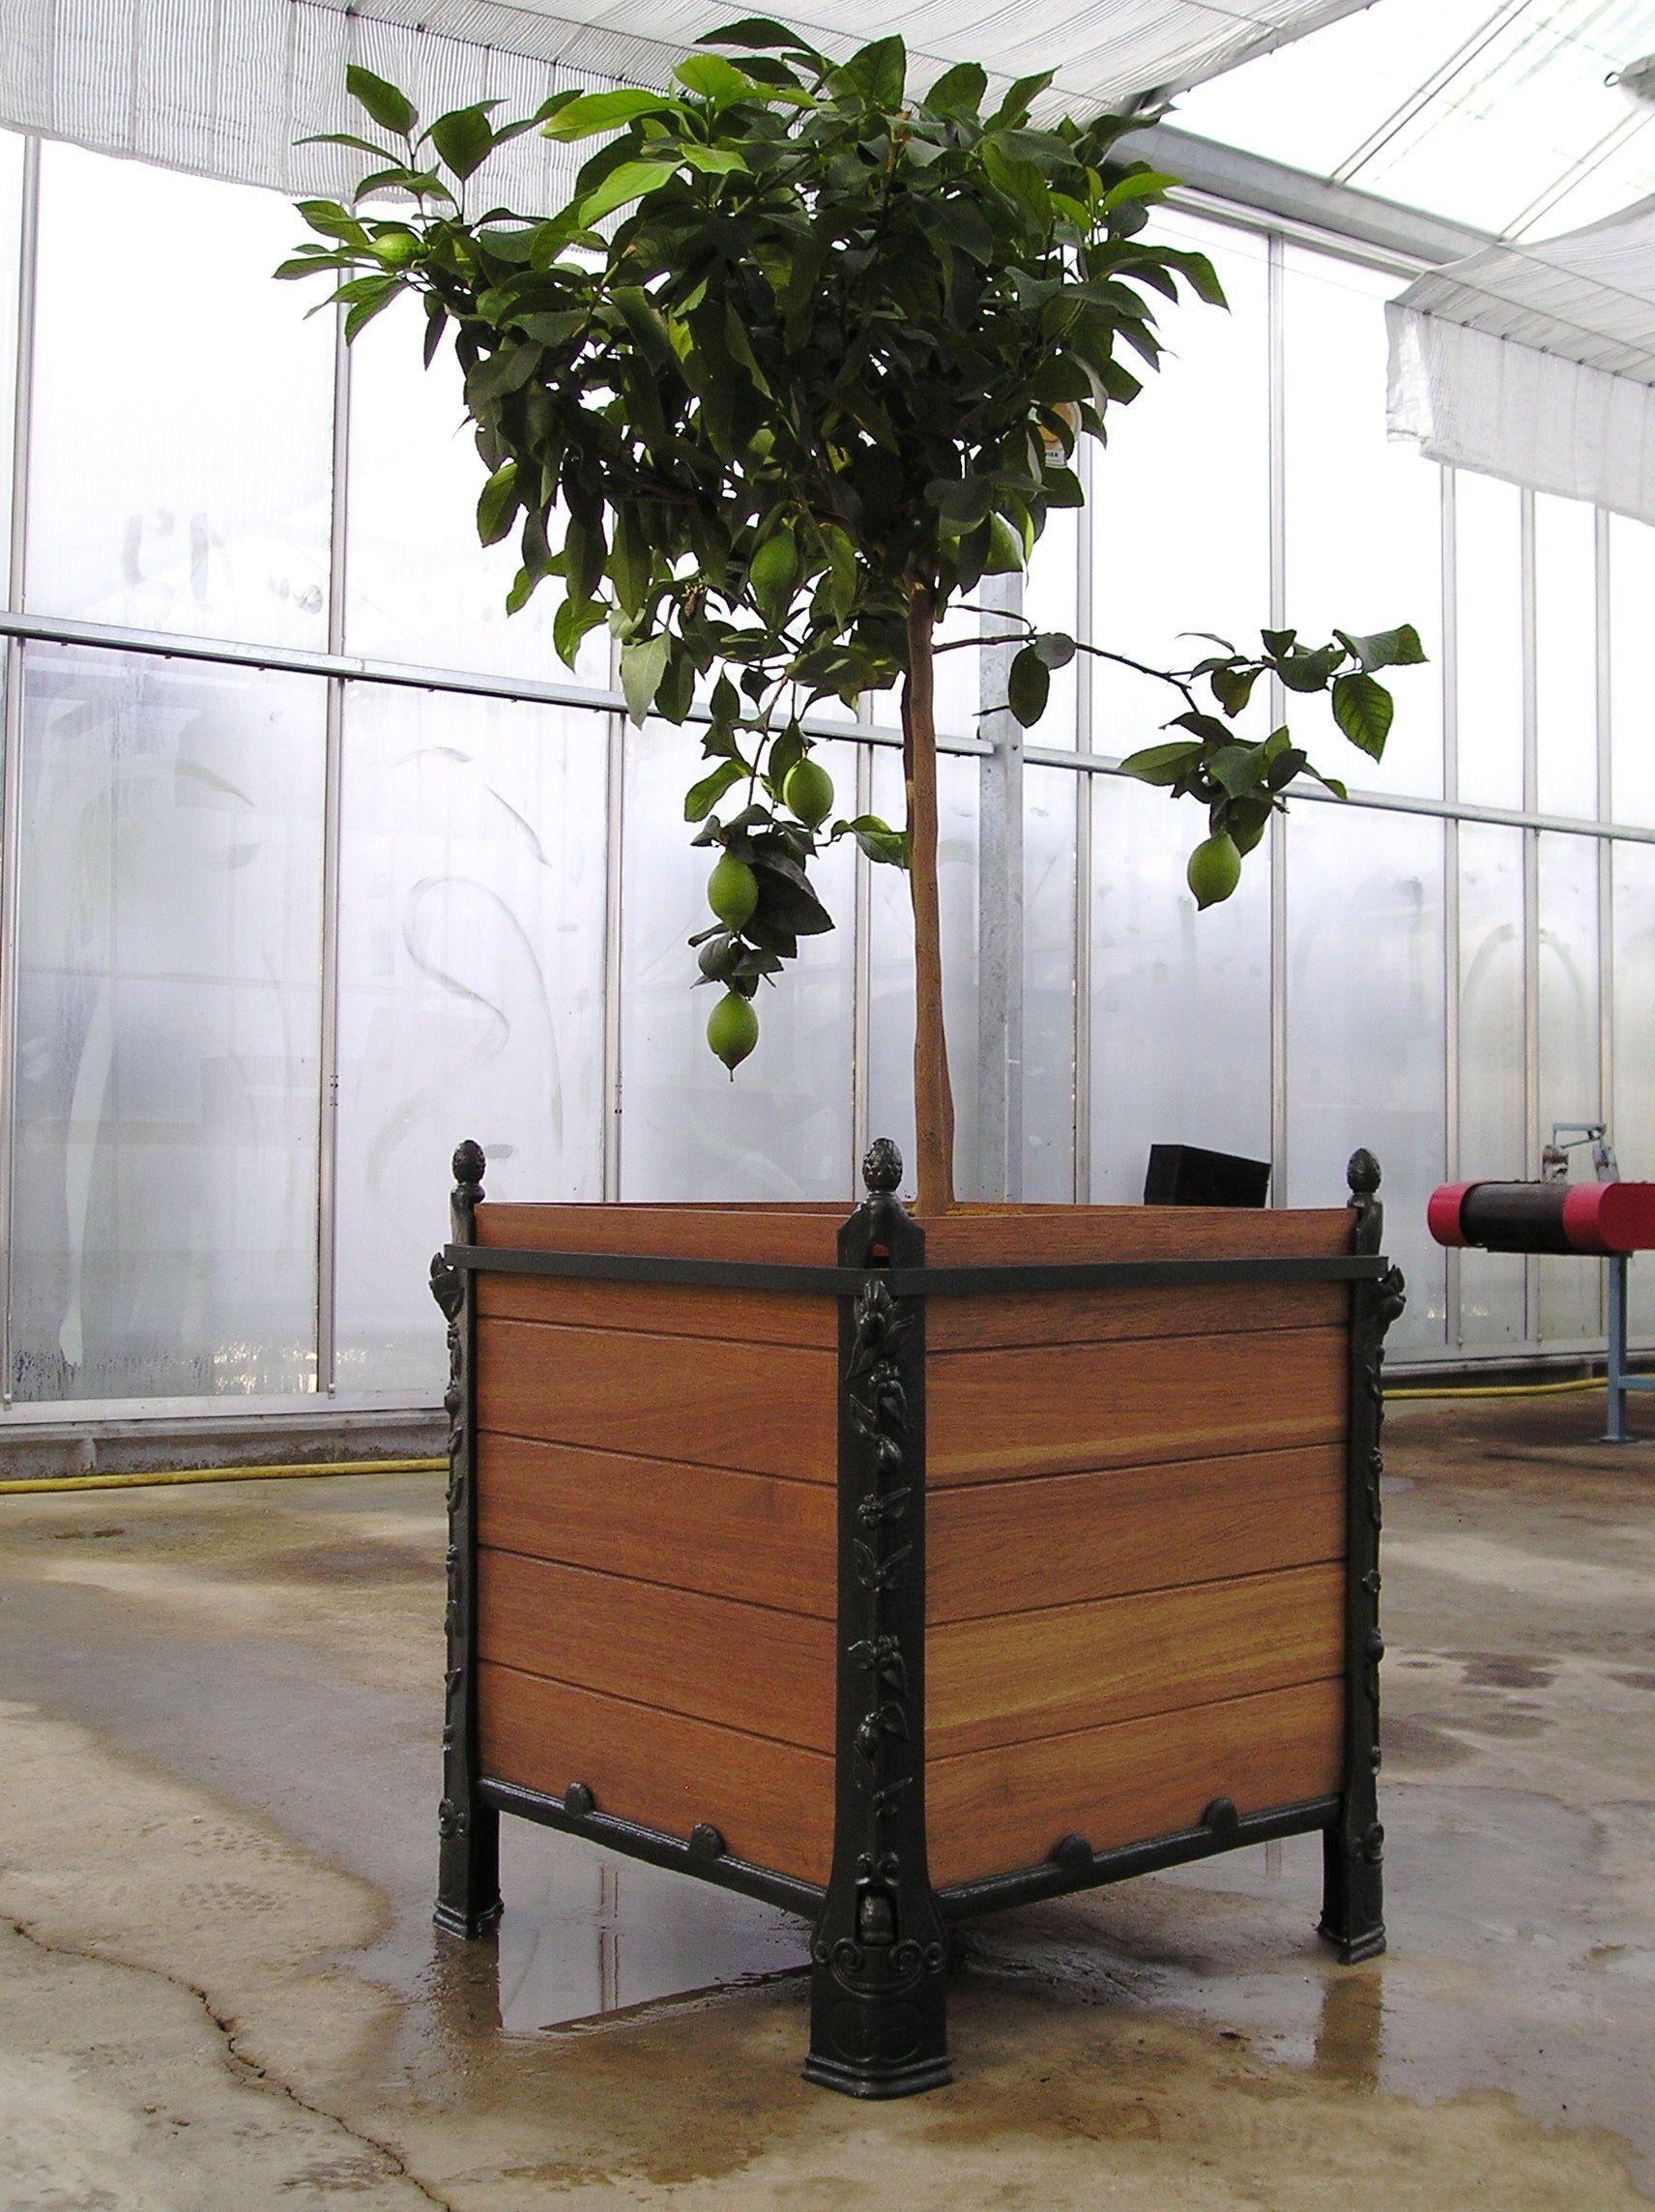 Bac Pour Arbuste De Jardin bac a oranger - panneaux bois - bac à plantes - jardinière